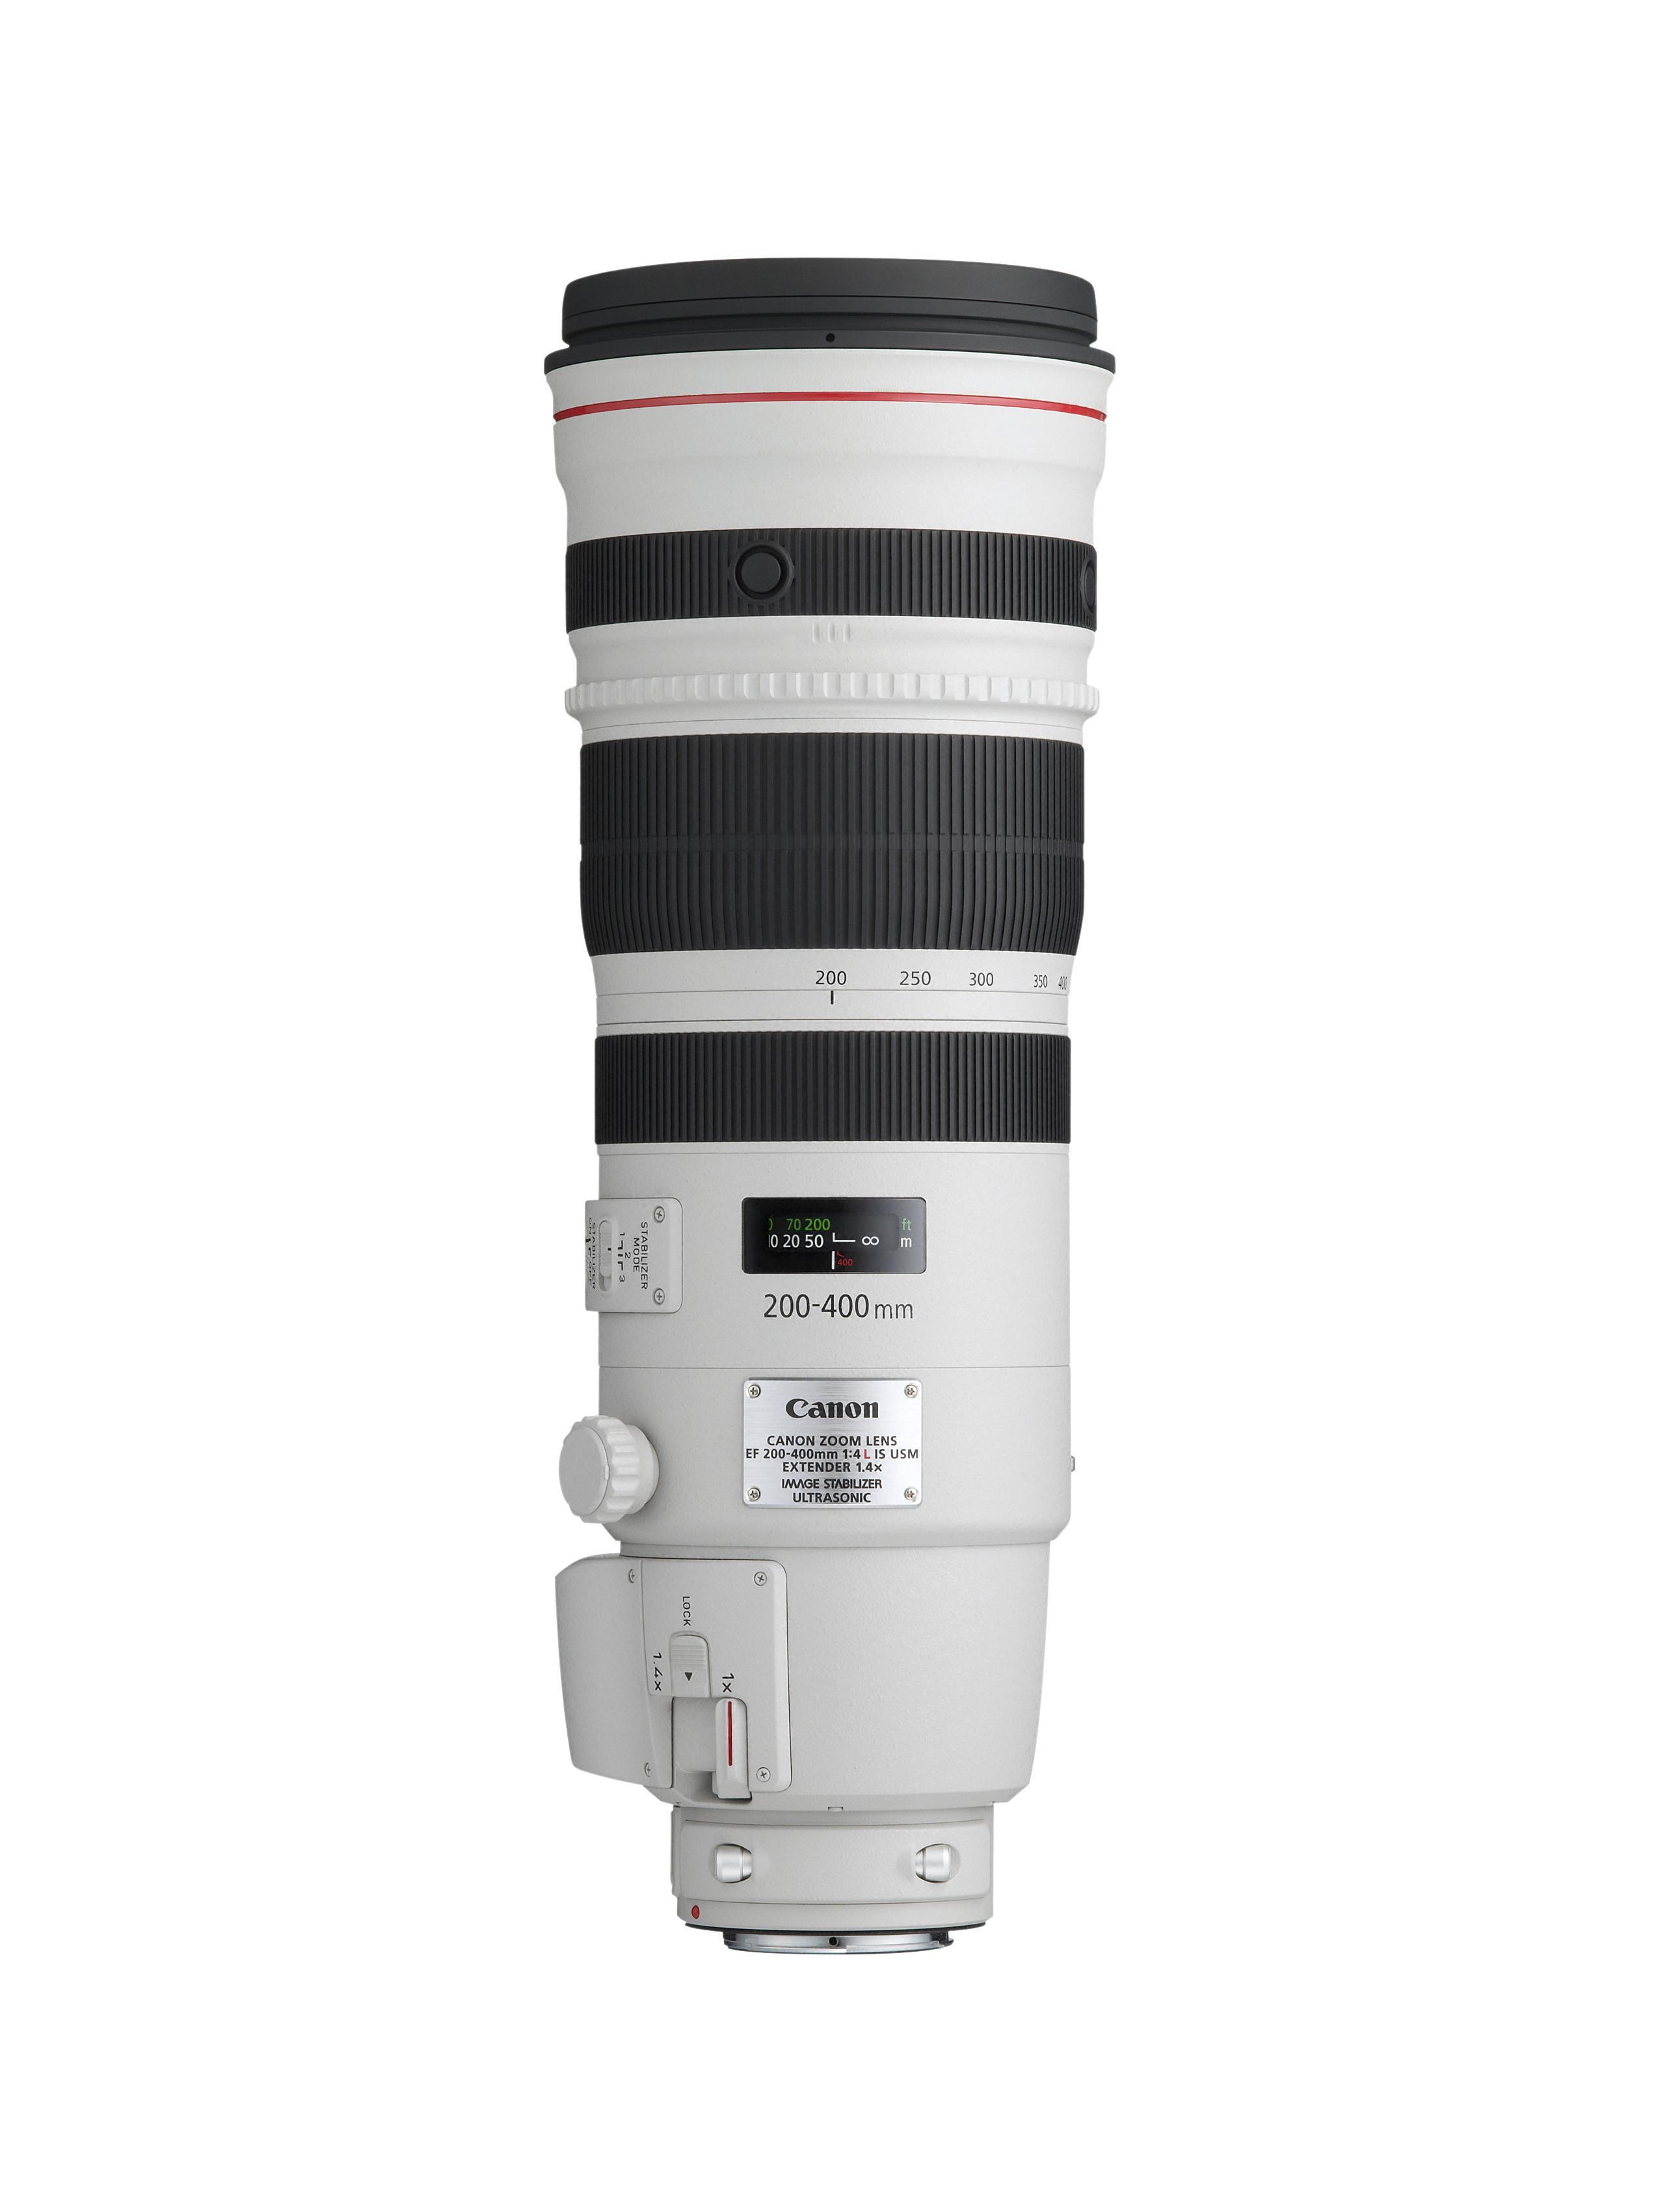 EF 200-400mm L IS USM med telekonverter-utspringet på siden.Foto: Canon